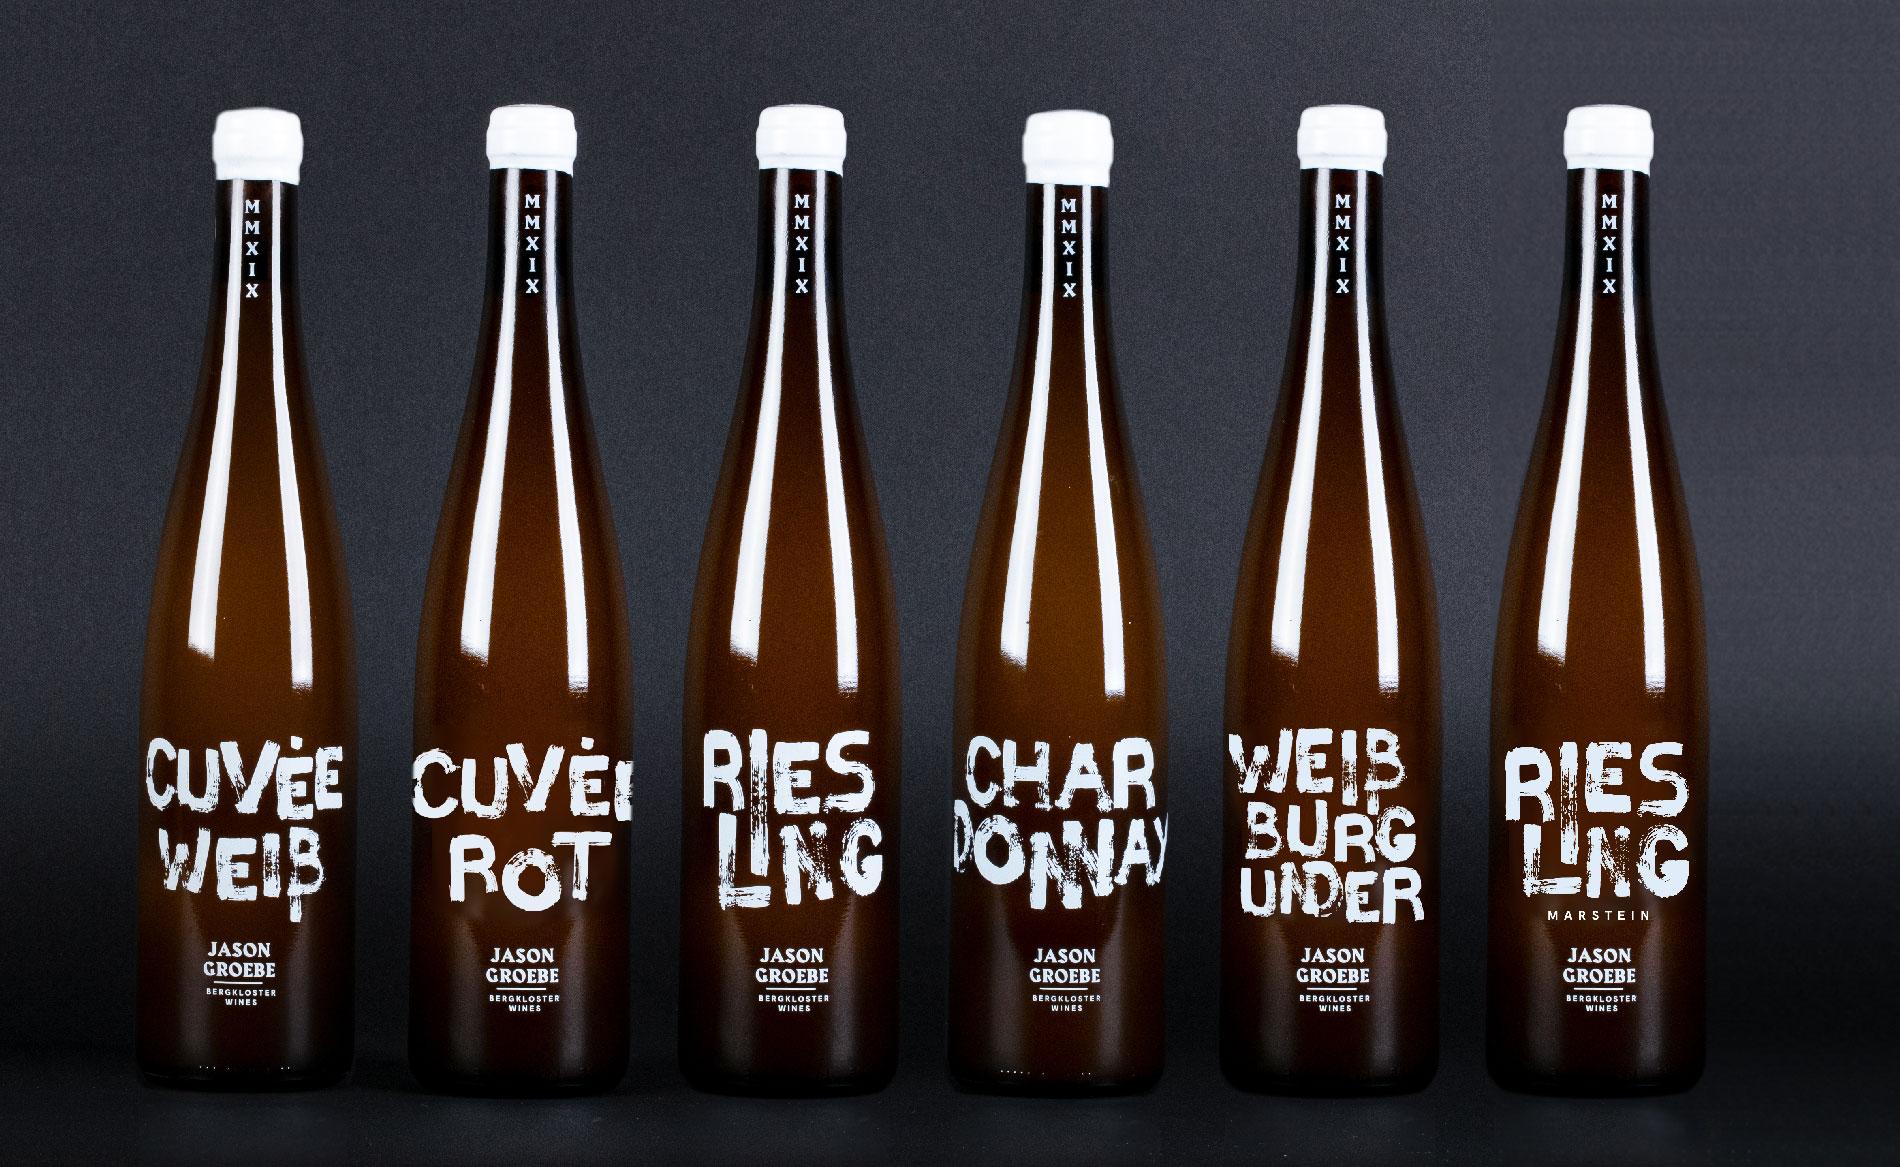 Corporate Design für Winzer Jason Groebe, Viel Liebe Wieslaw Heler Call for Creatives